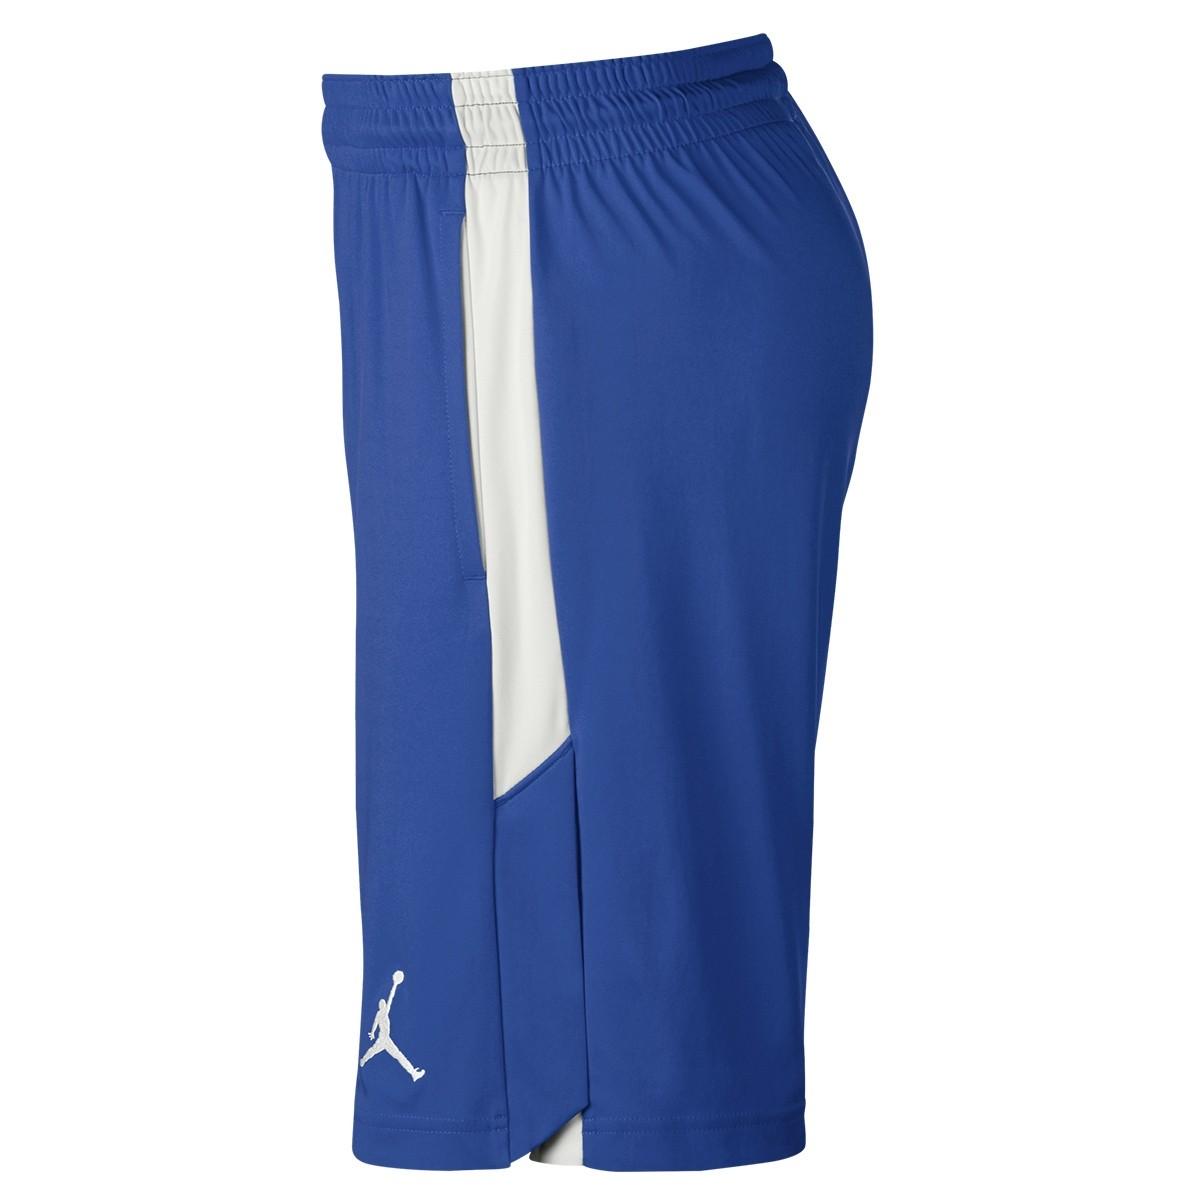 Jordan 23 Alpha Dry Knit Short 'Blue'-905782-480